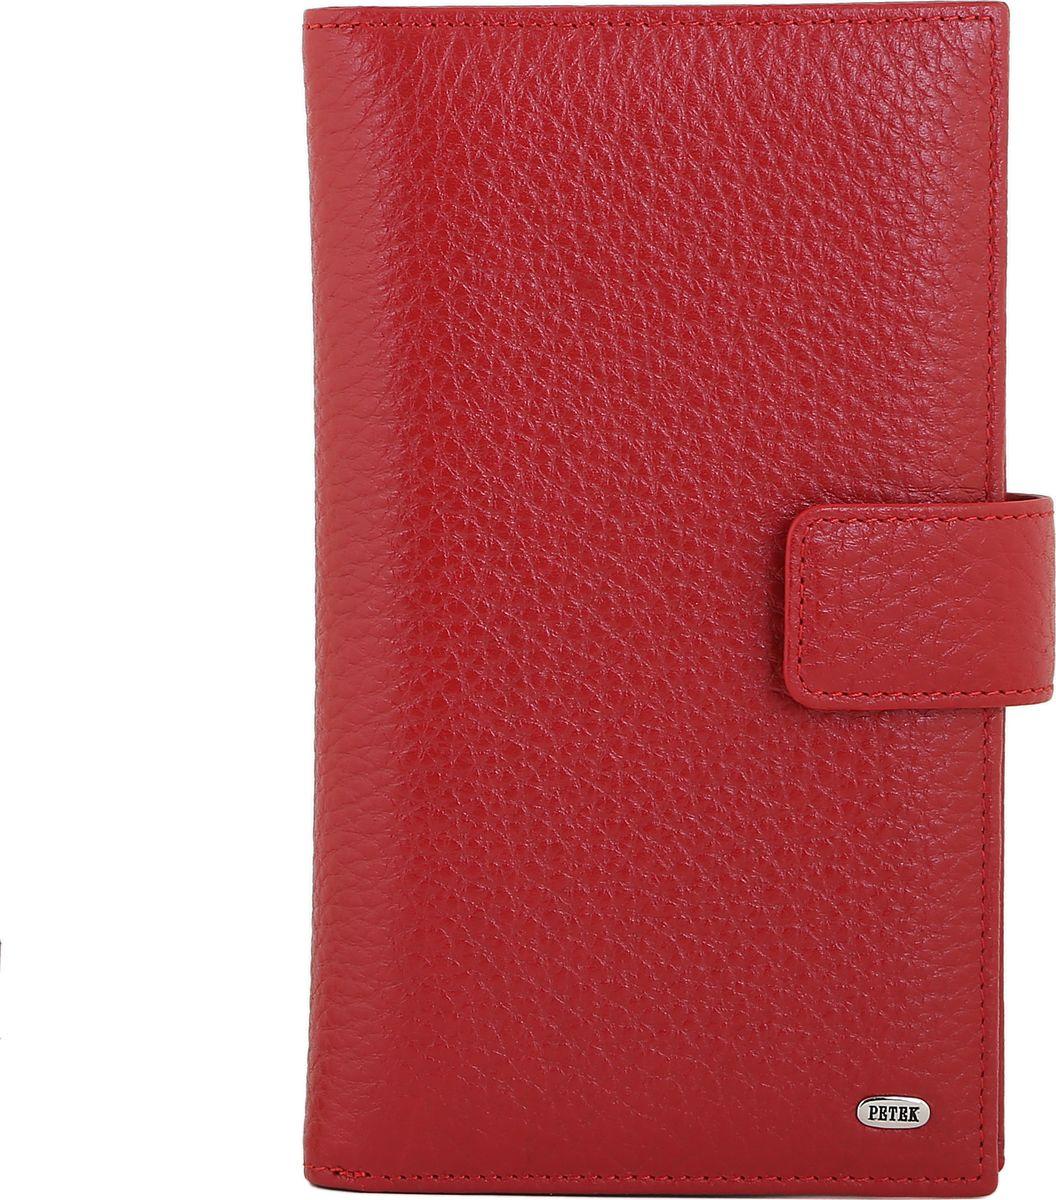 Бумажник мужской Petek 1855, цвет: красный. 2394.46B.102394.46B.10 RedСовременное удобное мужское портмоне Petek из натуральной кожи черного цвета с гладкой фактурой. Внутри имеются четыре кармана для купюр, отделение на молнии, 17 карманов для кредитных карт